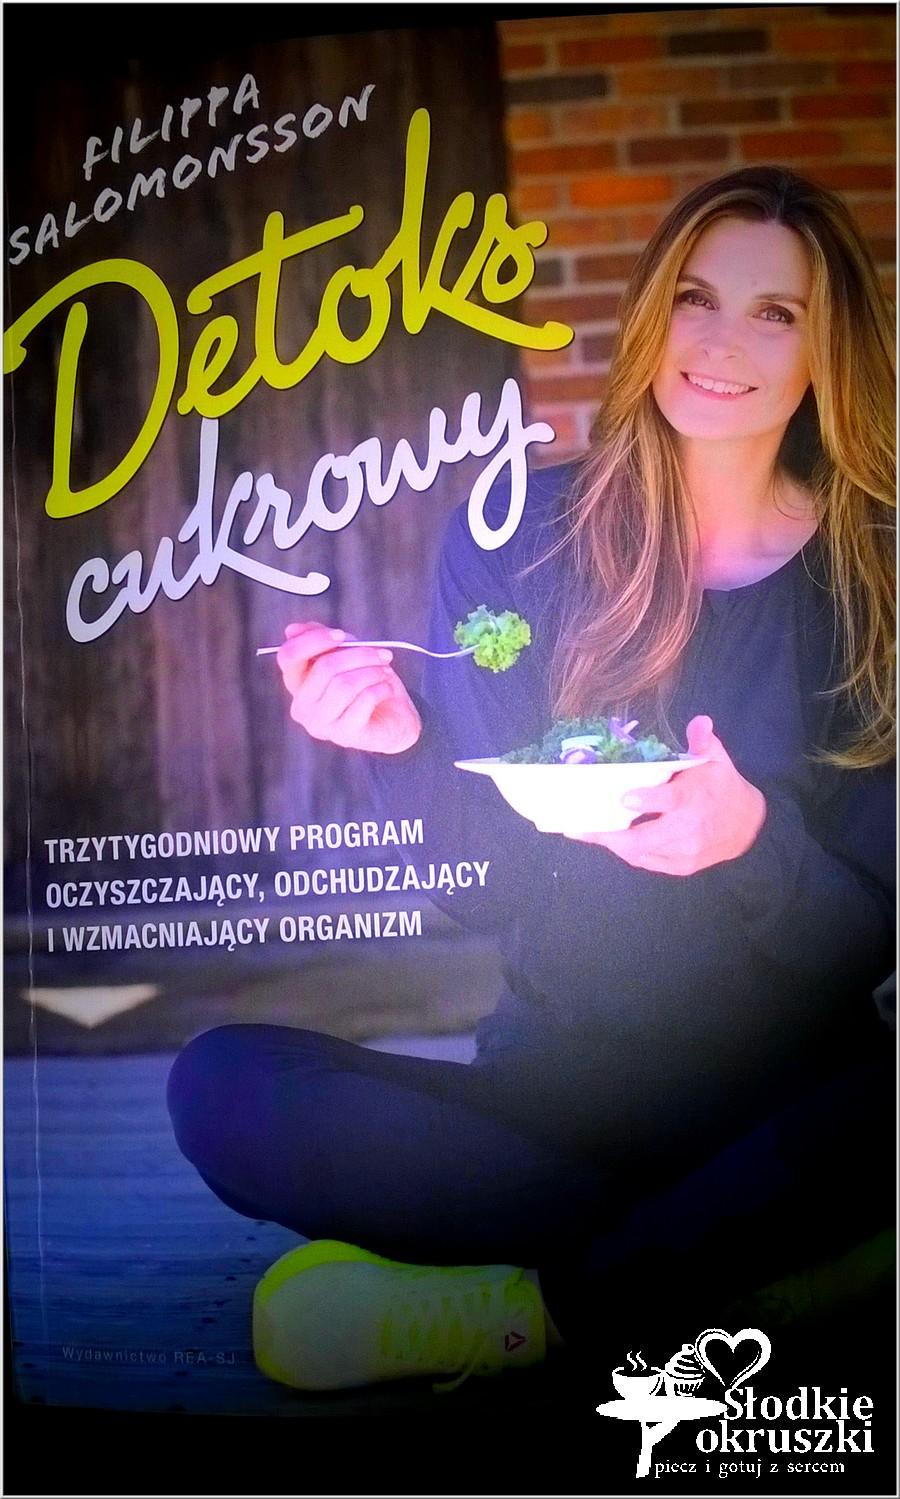 Detoks cukrowy Wyd. REA-SJ. Recenzja książki. (1)